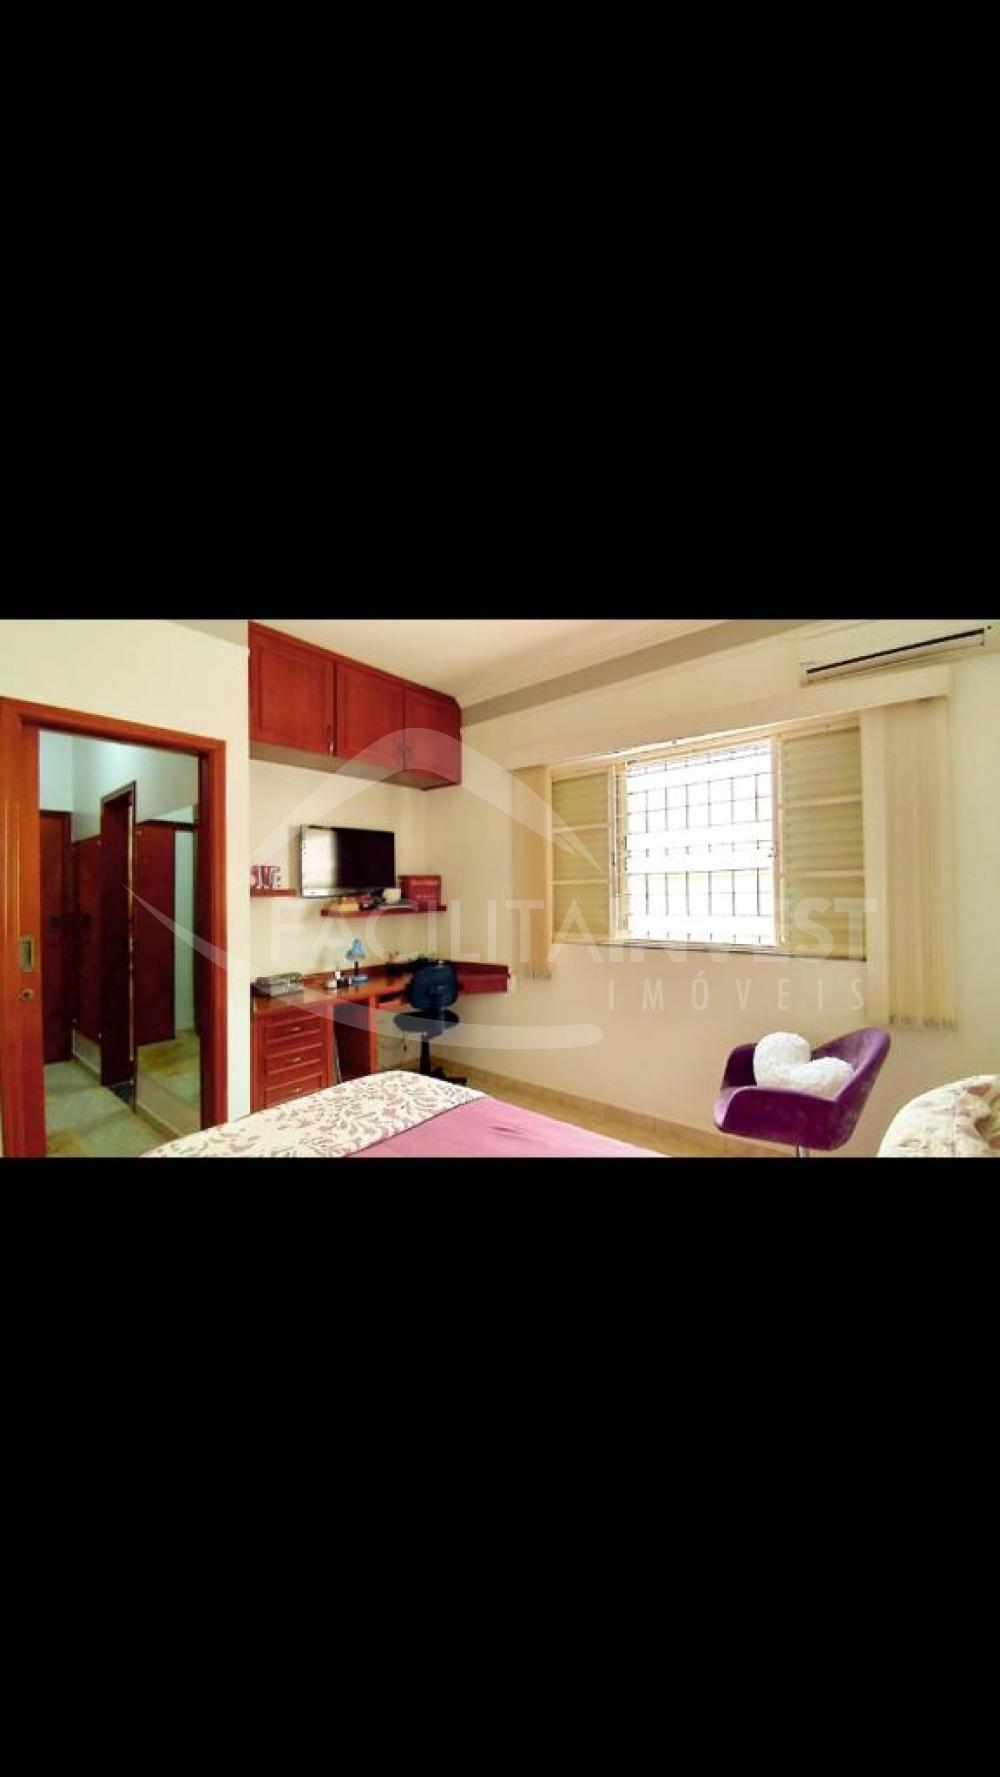 Comprar Casa Padrão / Casa Padrão em Ribeirão Preto apenas R$ 900.000,00 - Foto 10